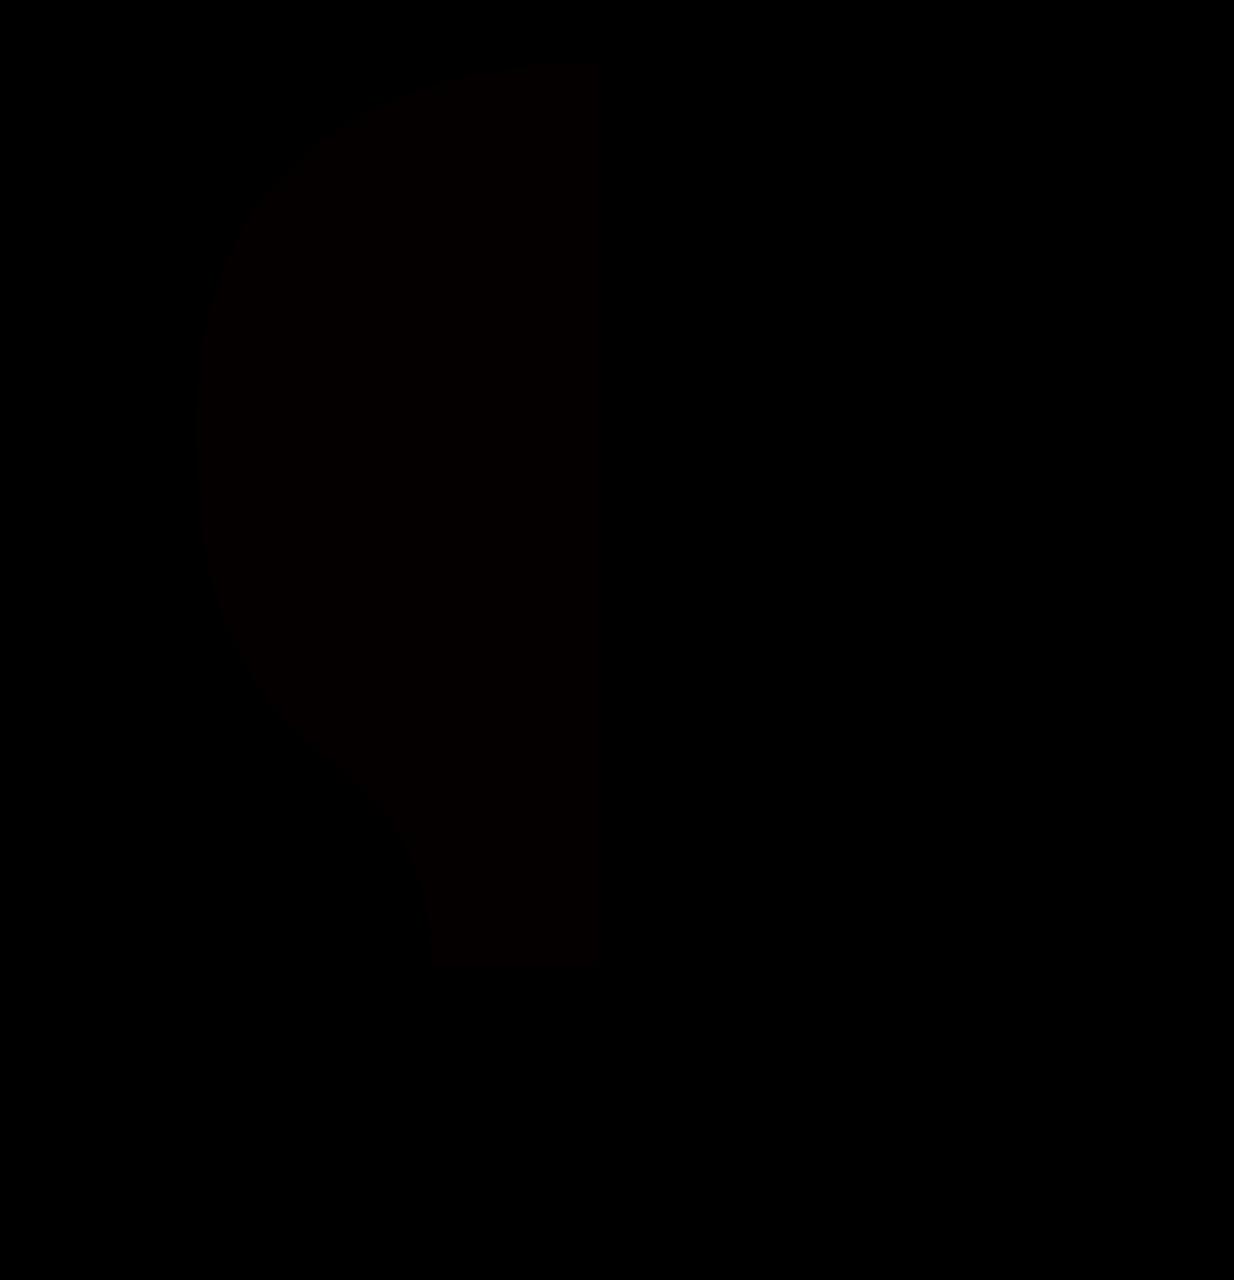 Imagen Gratis En Pixabay Cerebro Mente Psicologia Idea Dibujos De Psicologia Logo En Acuarela Tecnicas De Dibujo